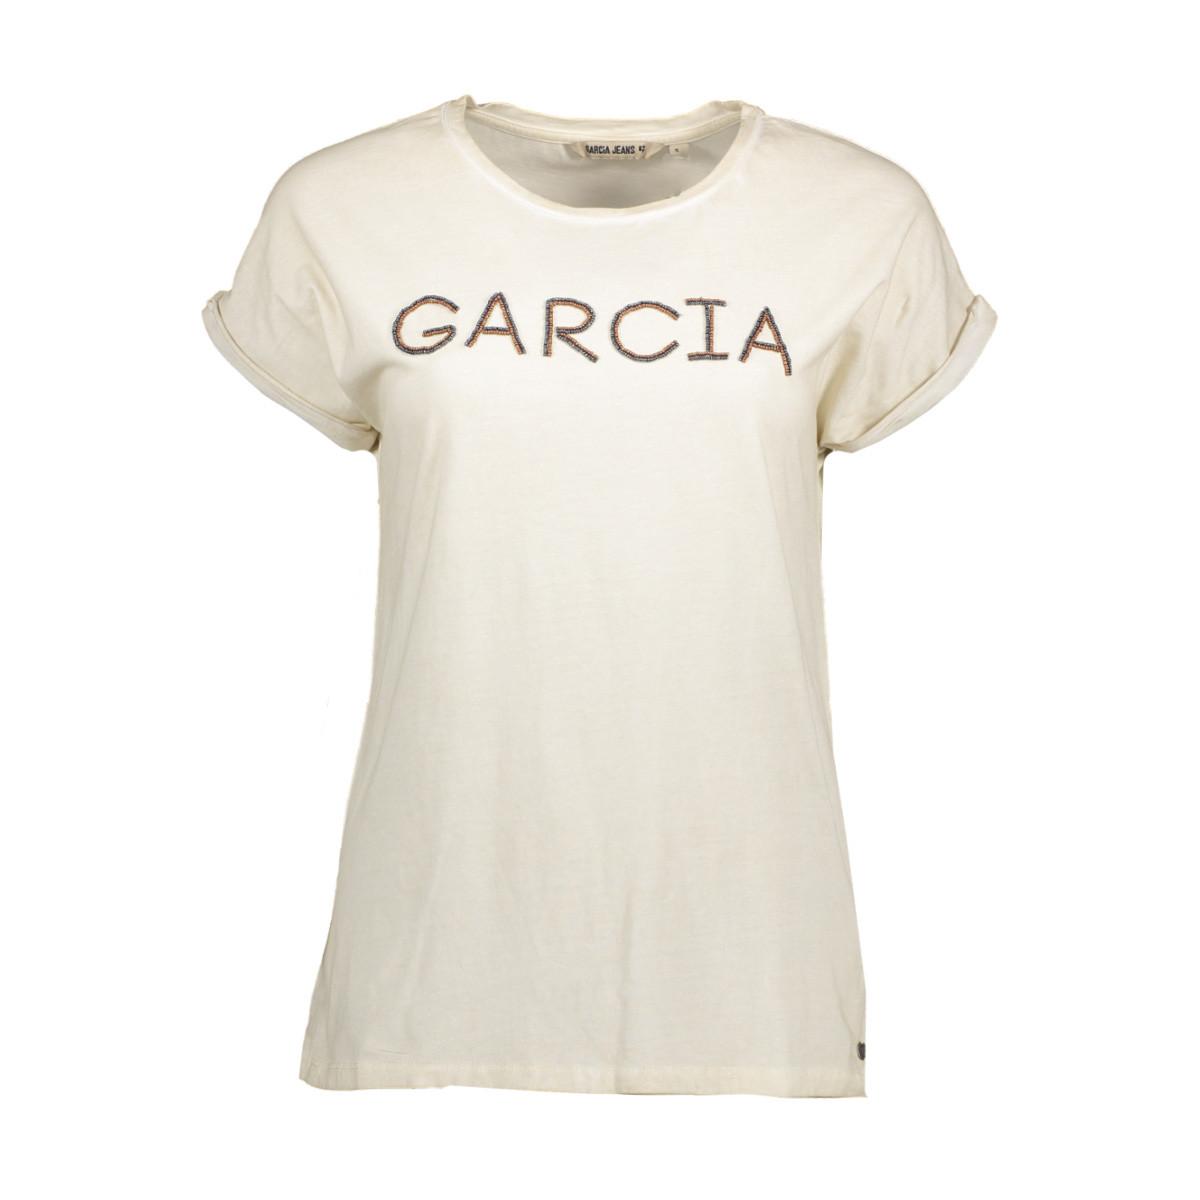 Creme dames shirt Garcia - 70007